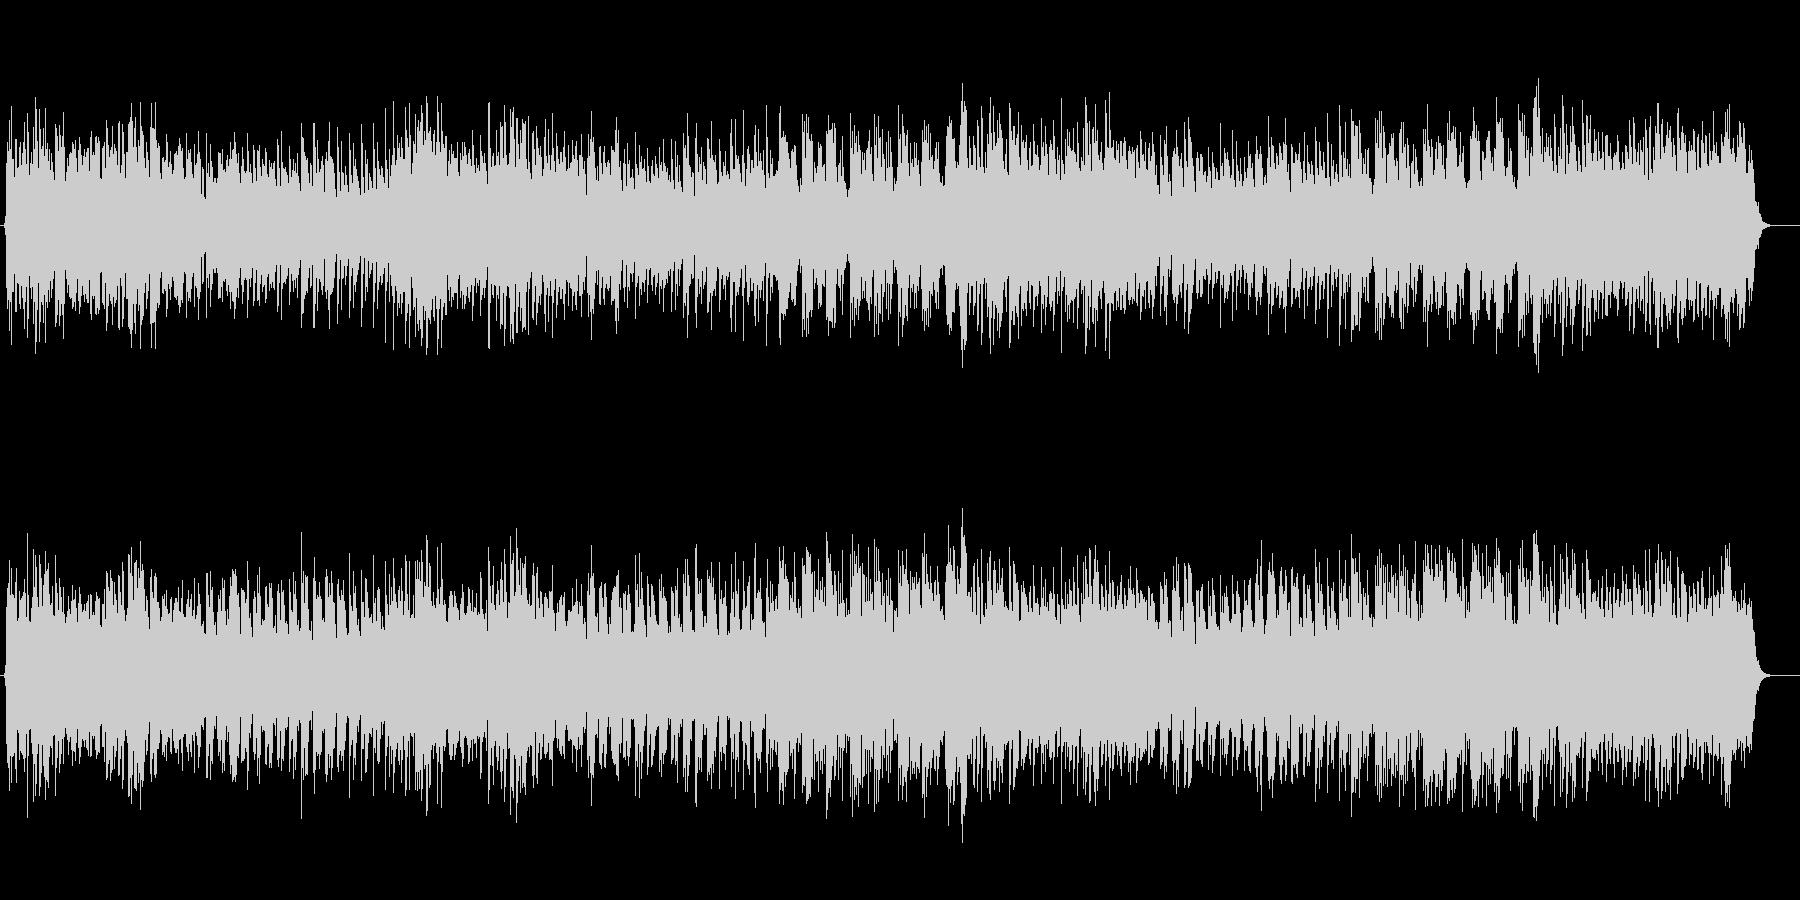 スローテンポのメルヘンなワルツの未再生の波形